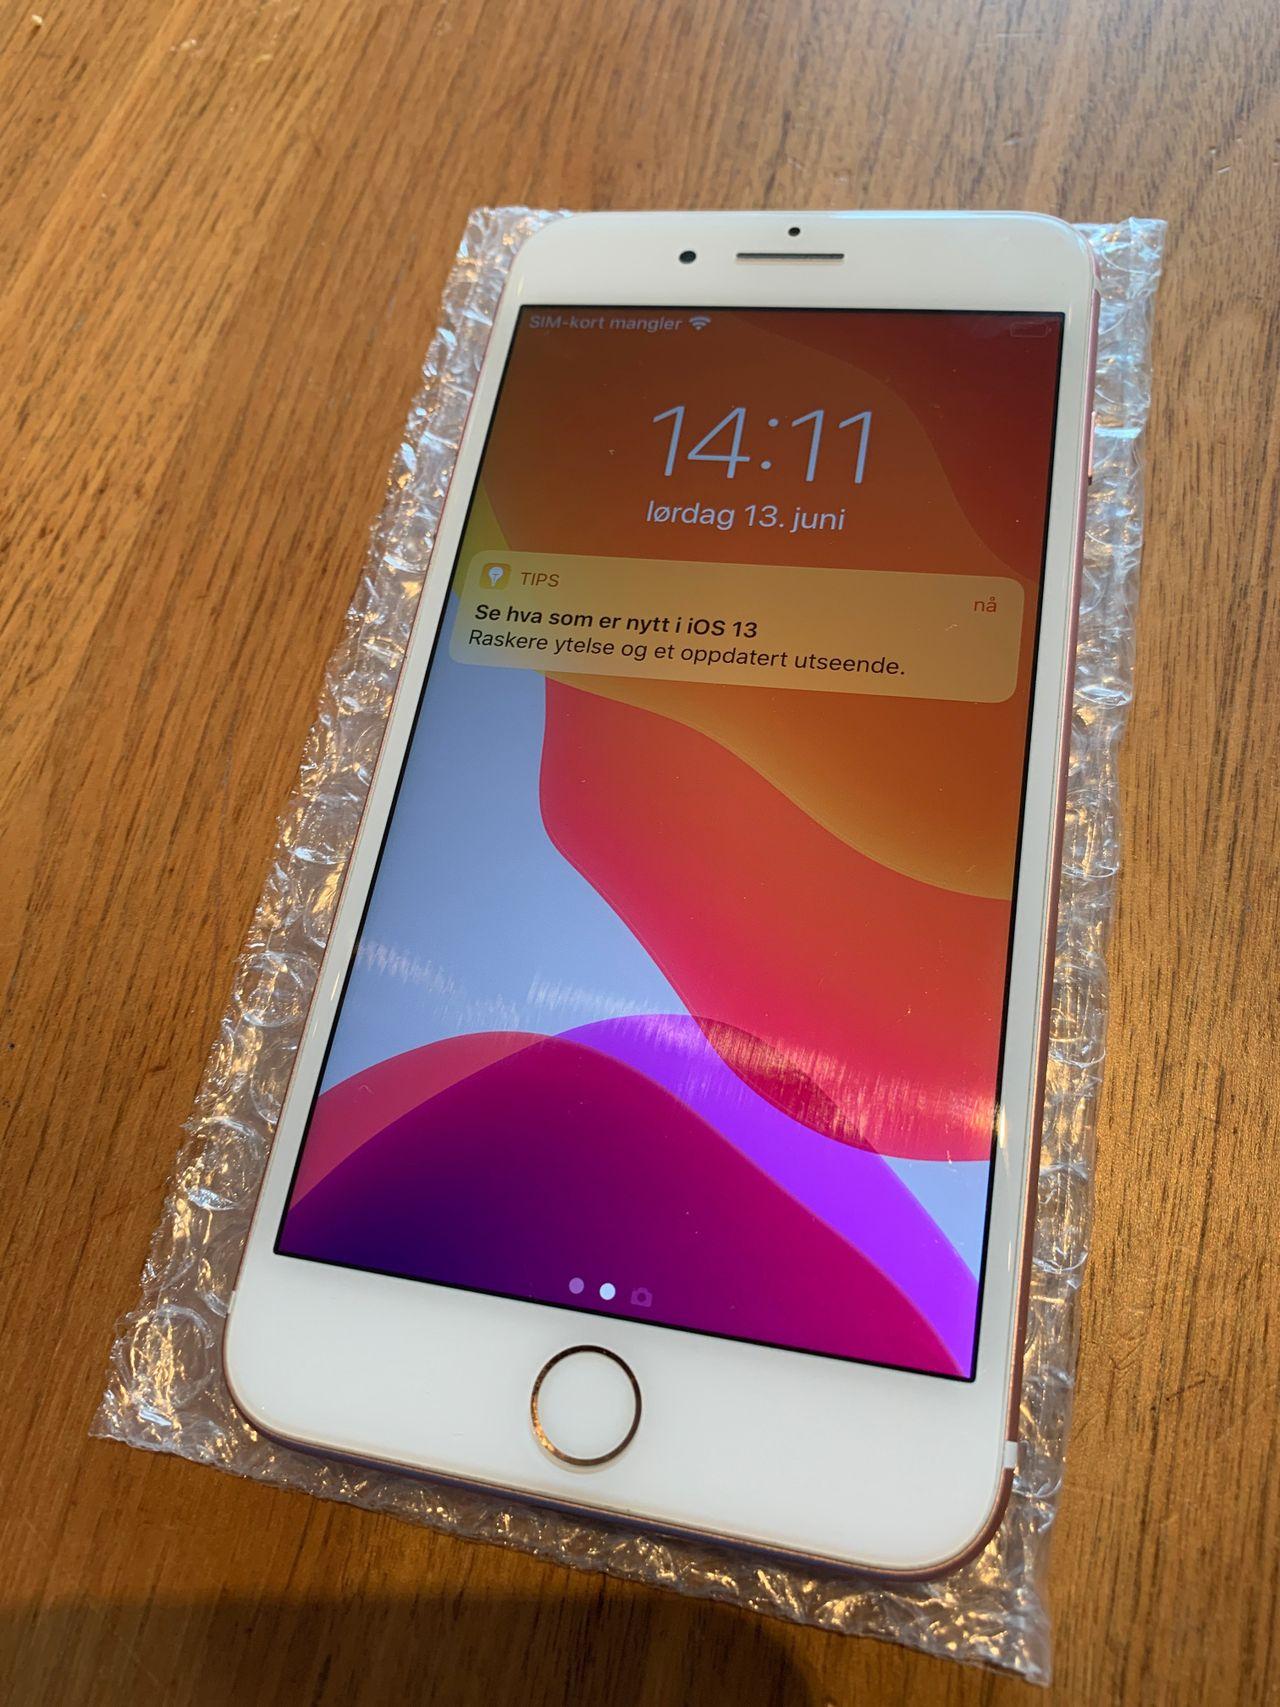 Iphone 5 pen Kjøpe, selge og utveksle annonser finn den